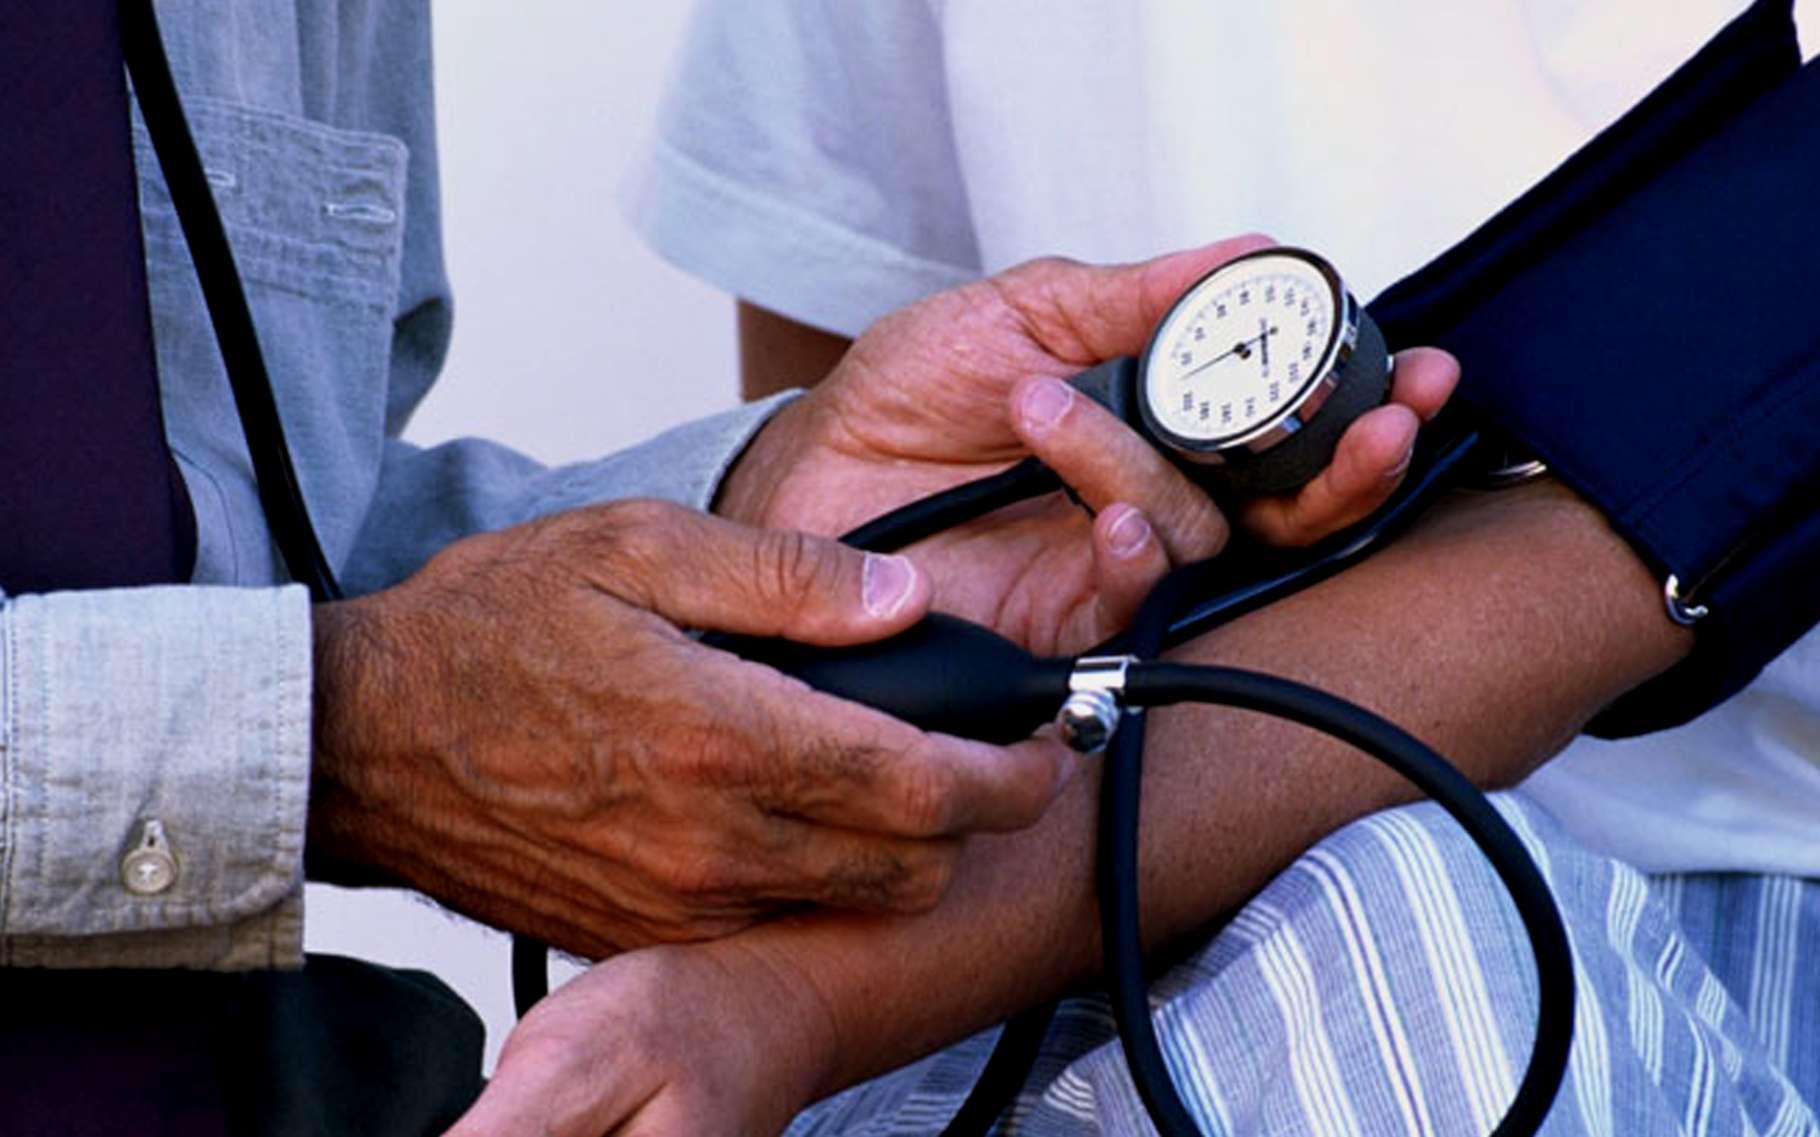 Plus de 700 millions de personnes souffrent d'hypertension non traitée